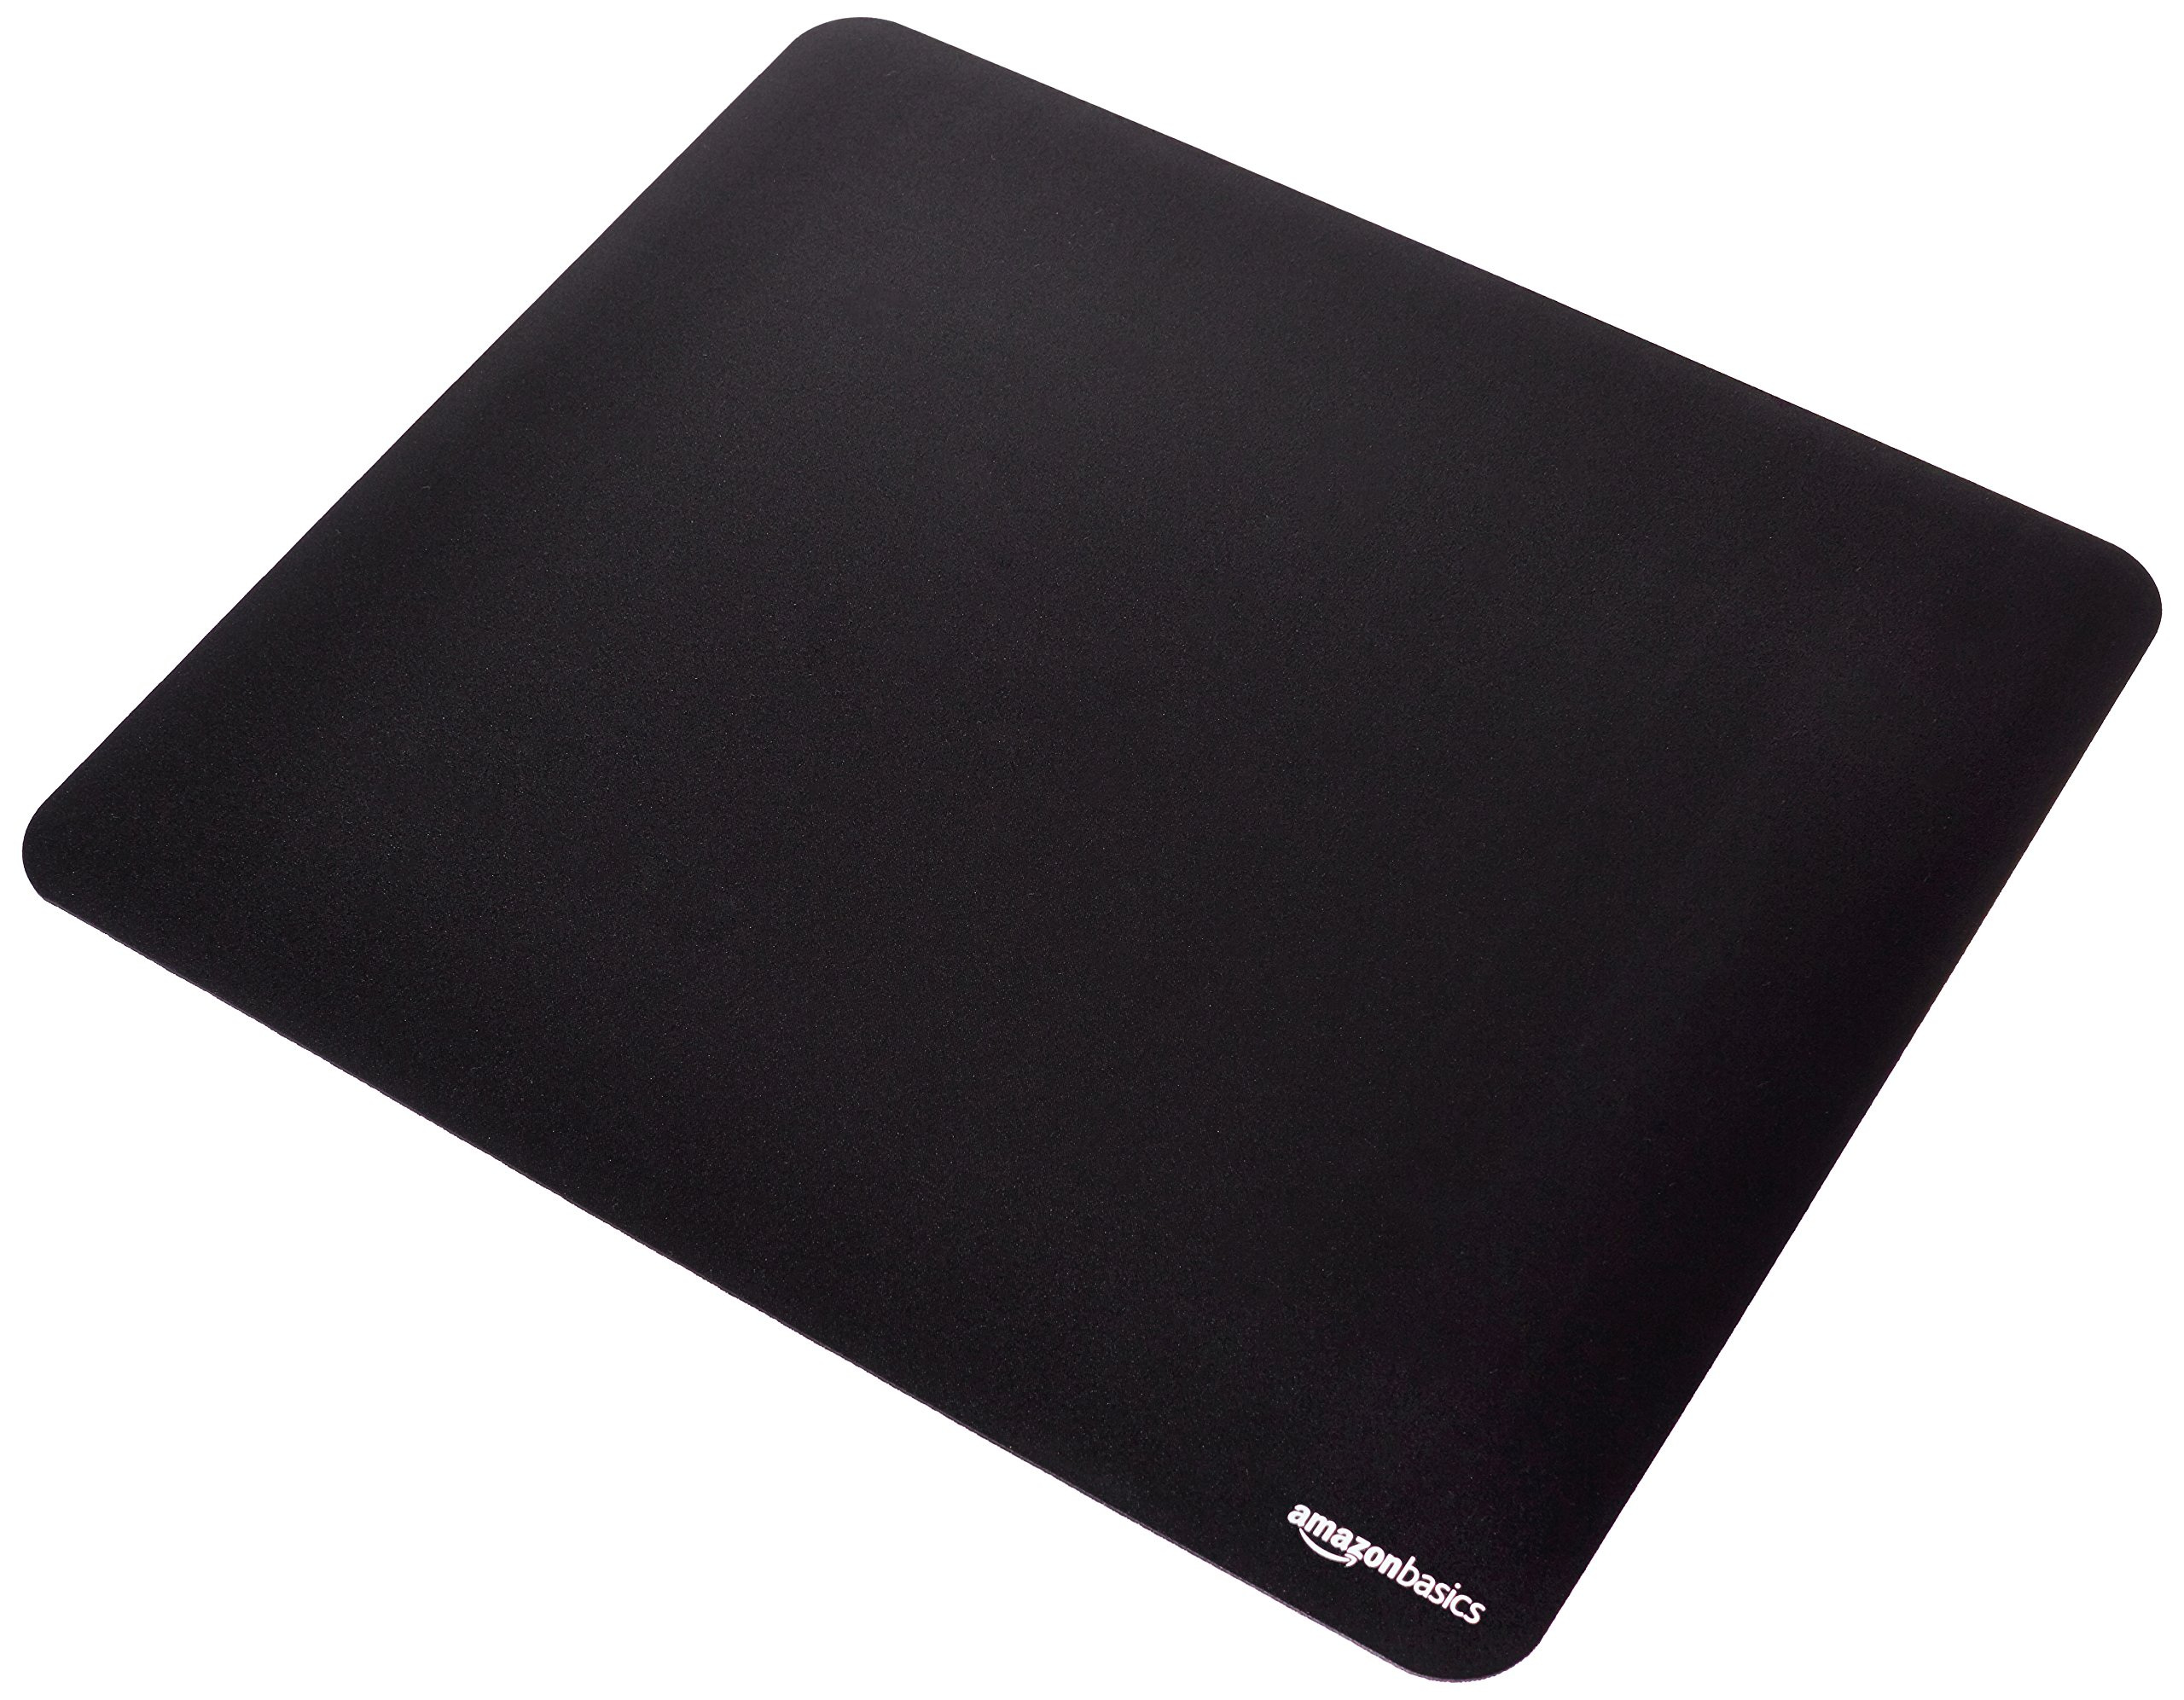 AmazonBasics Gaming Mouse Pad